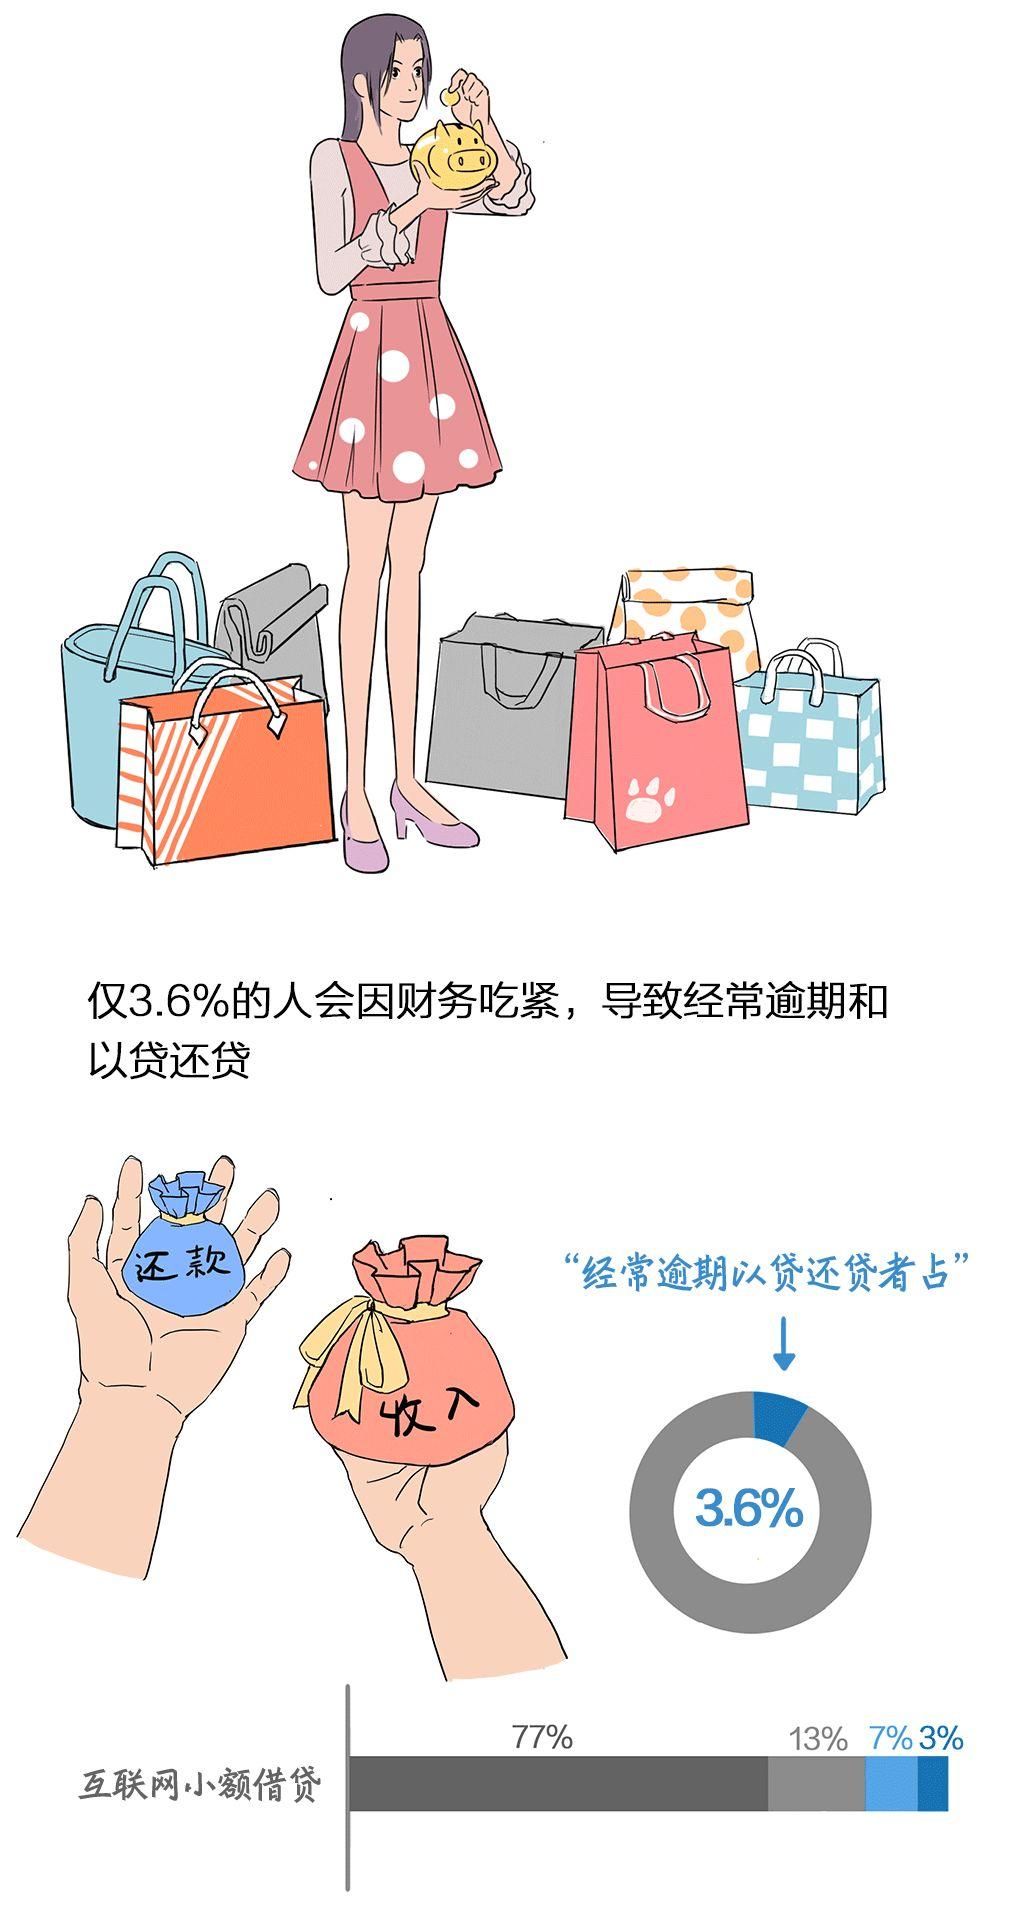 「乐彩app下载」骁龙835跑分屠杀麒麟960,最快明年入驻Win10 PC